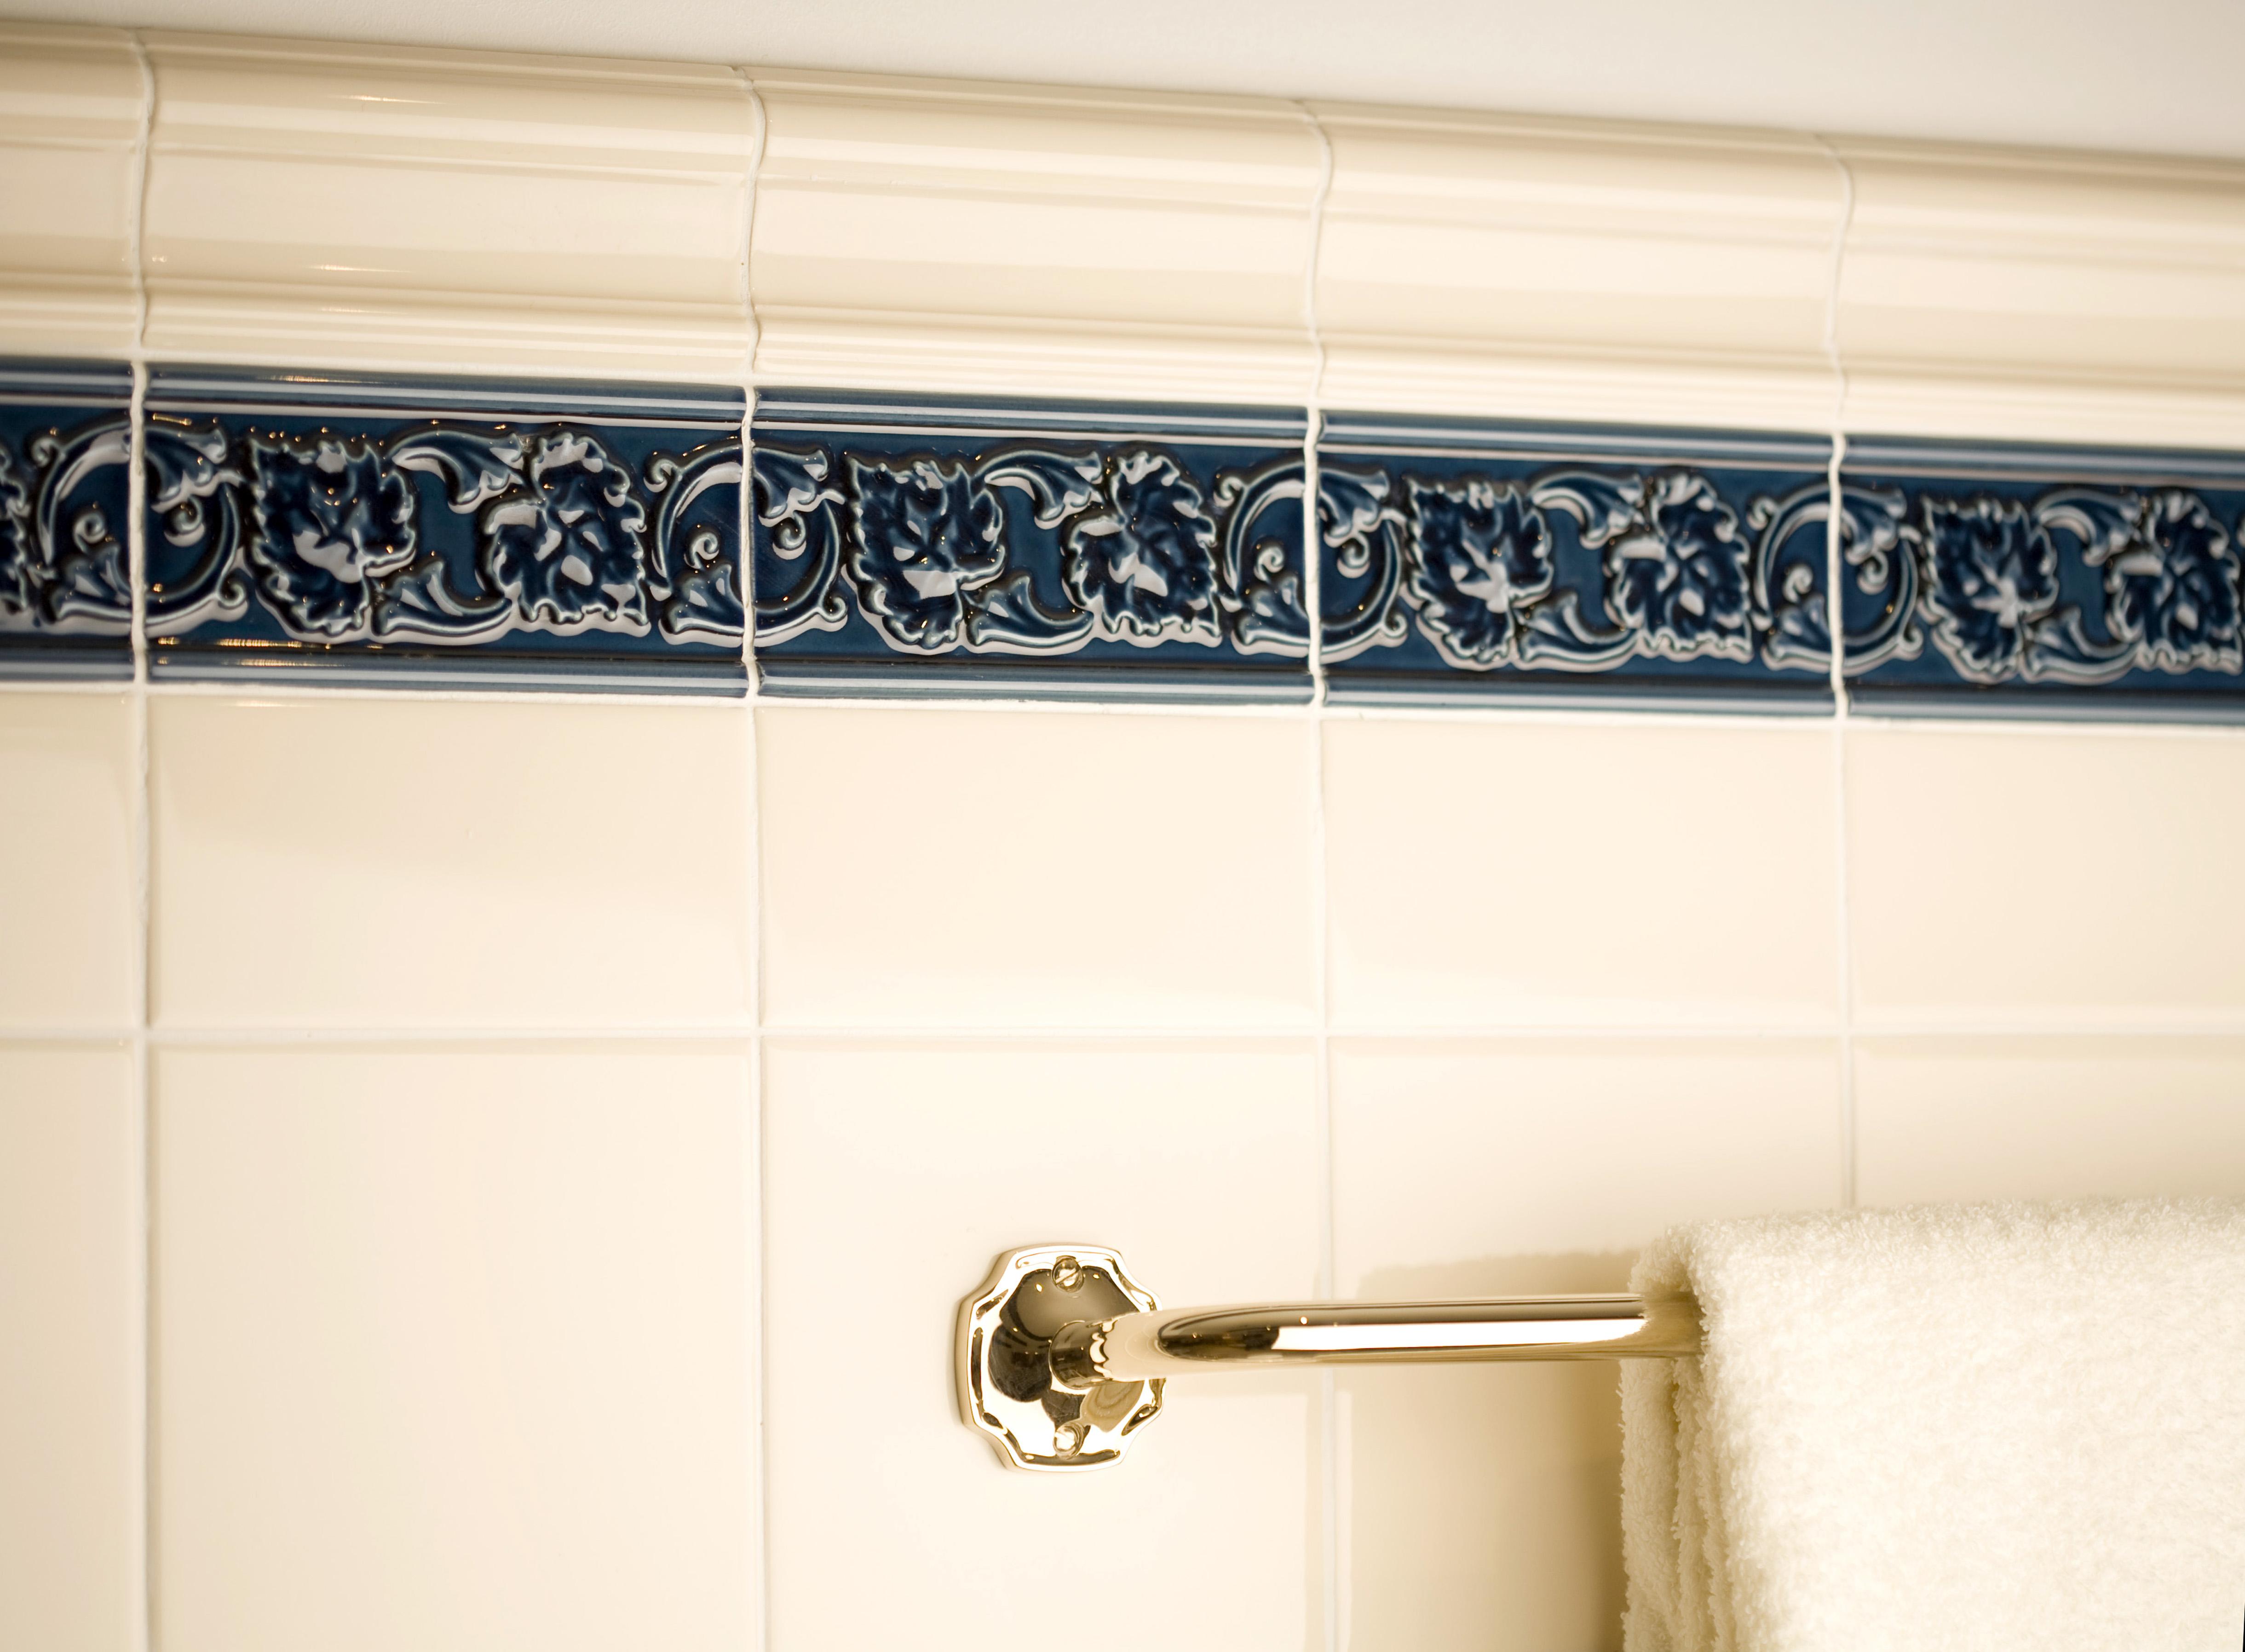 Period Embossed Tile Settings | H & E Smith Ltd, Hanley